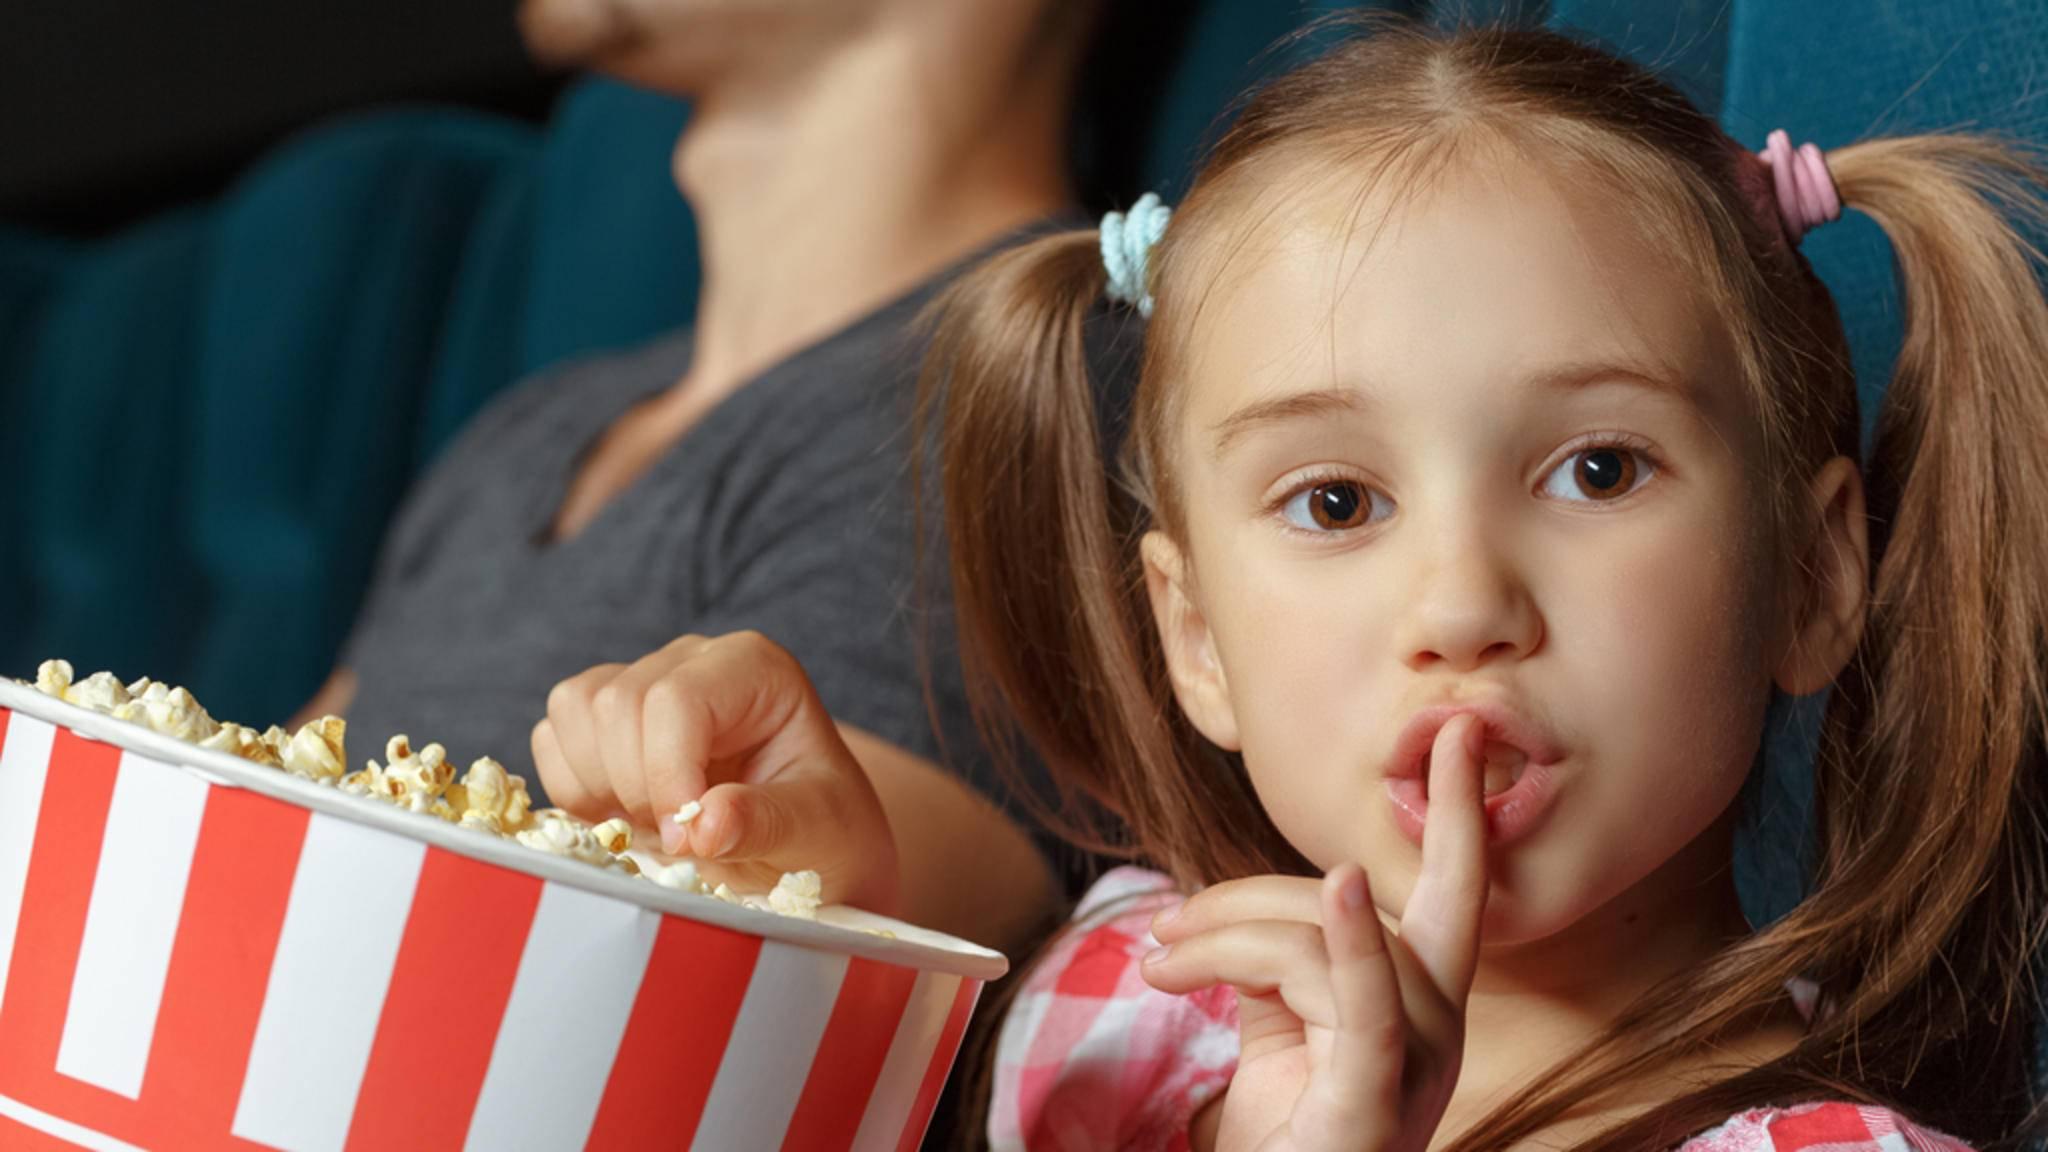 Genau, kleines Mädchen. Du hast es begriffen. Im Kino hat man die Klappe zu halten!